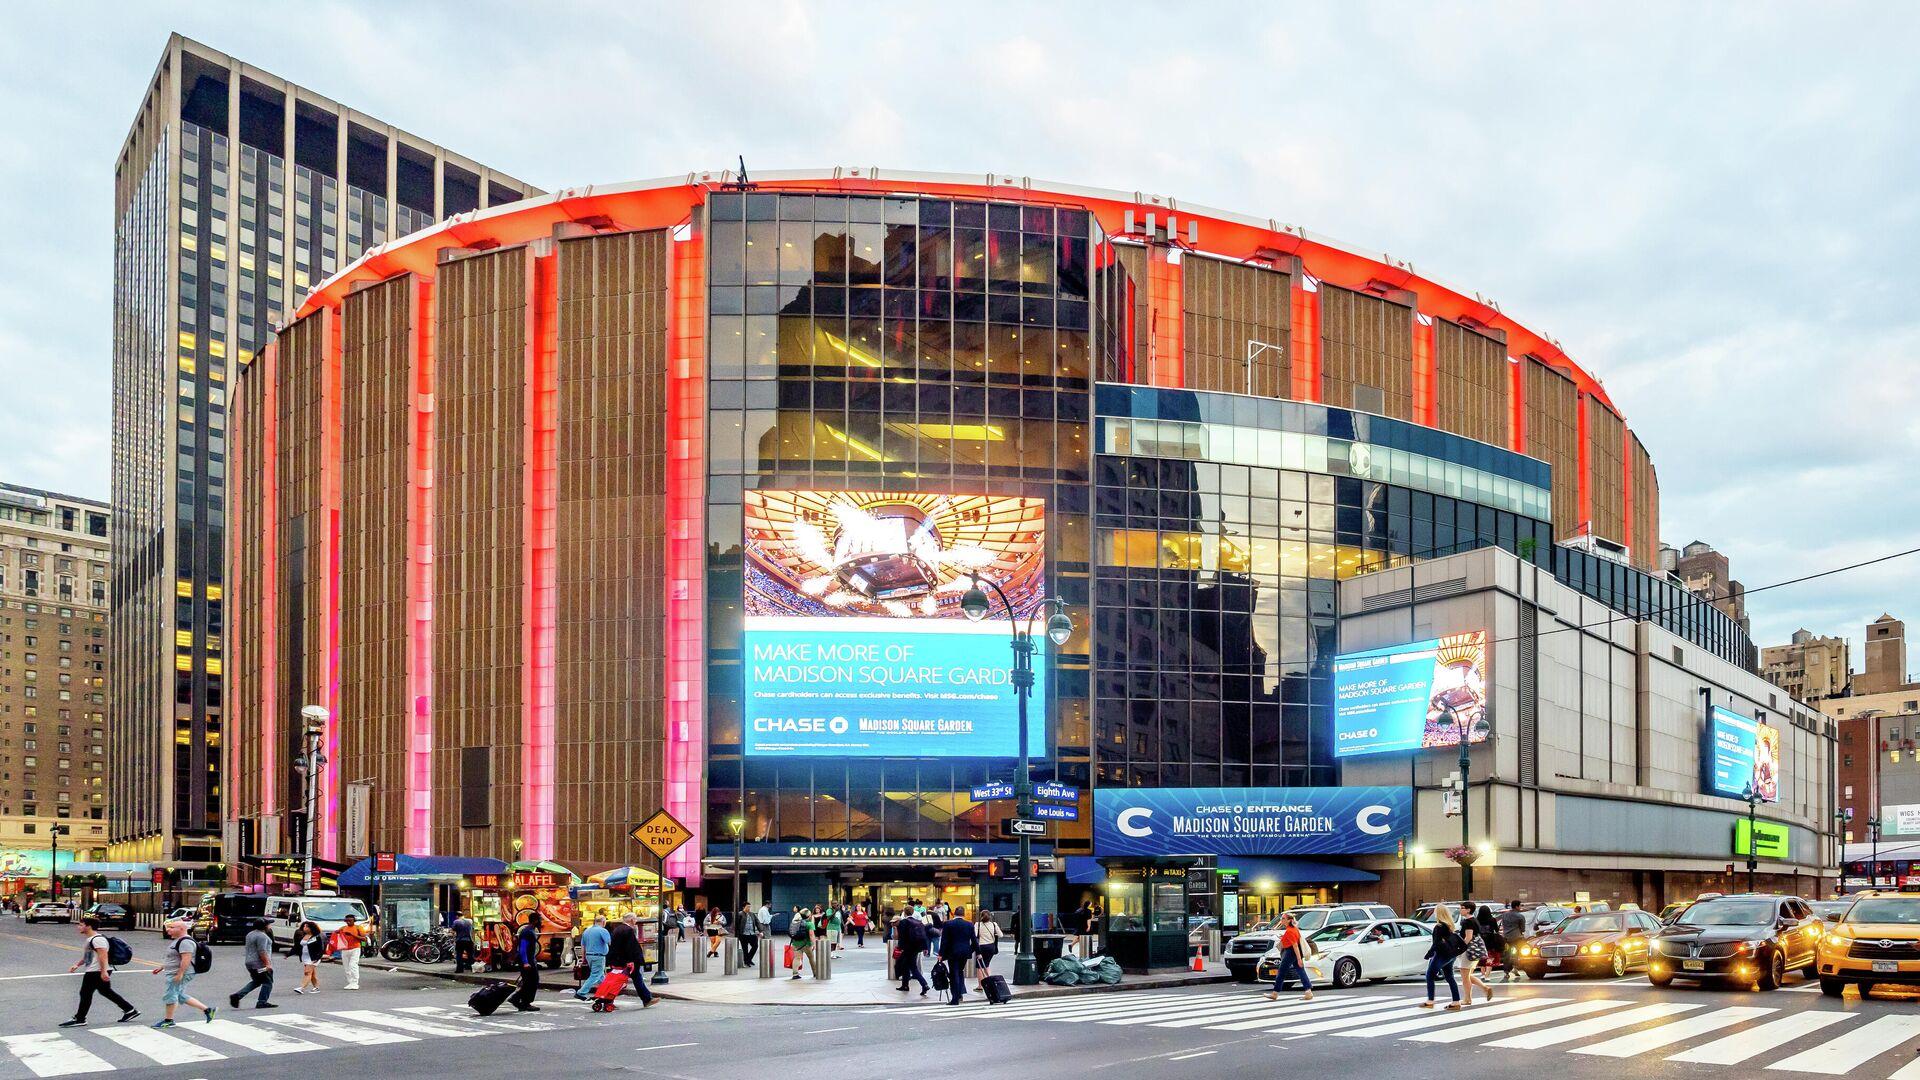 El estadio Madison Square Garden, foto de archivo - Sputnik Mundo, 1920, 23.02.2021